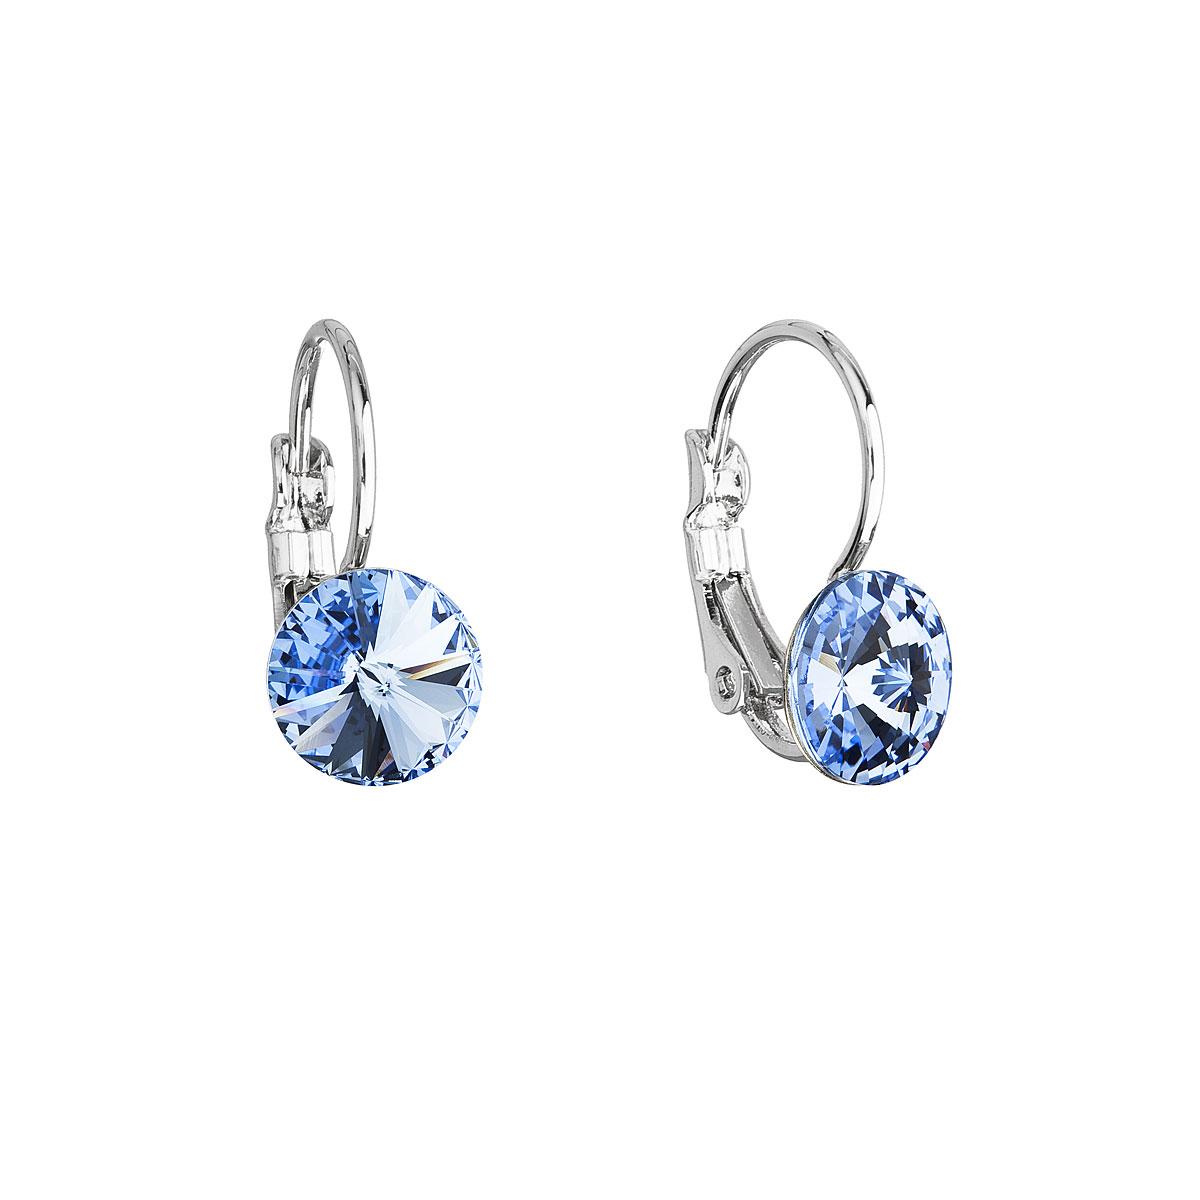 Náušnice bižuterie se Swarovski krystaly modré kulaté 51031.3 sapphire